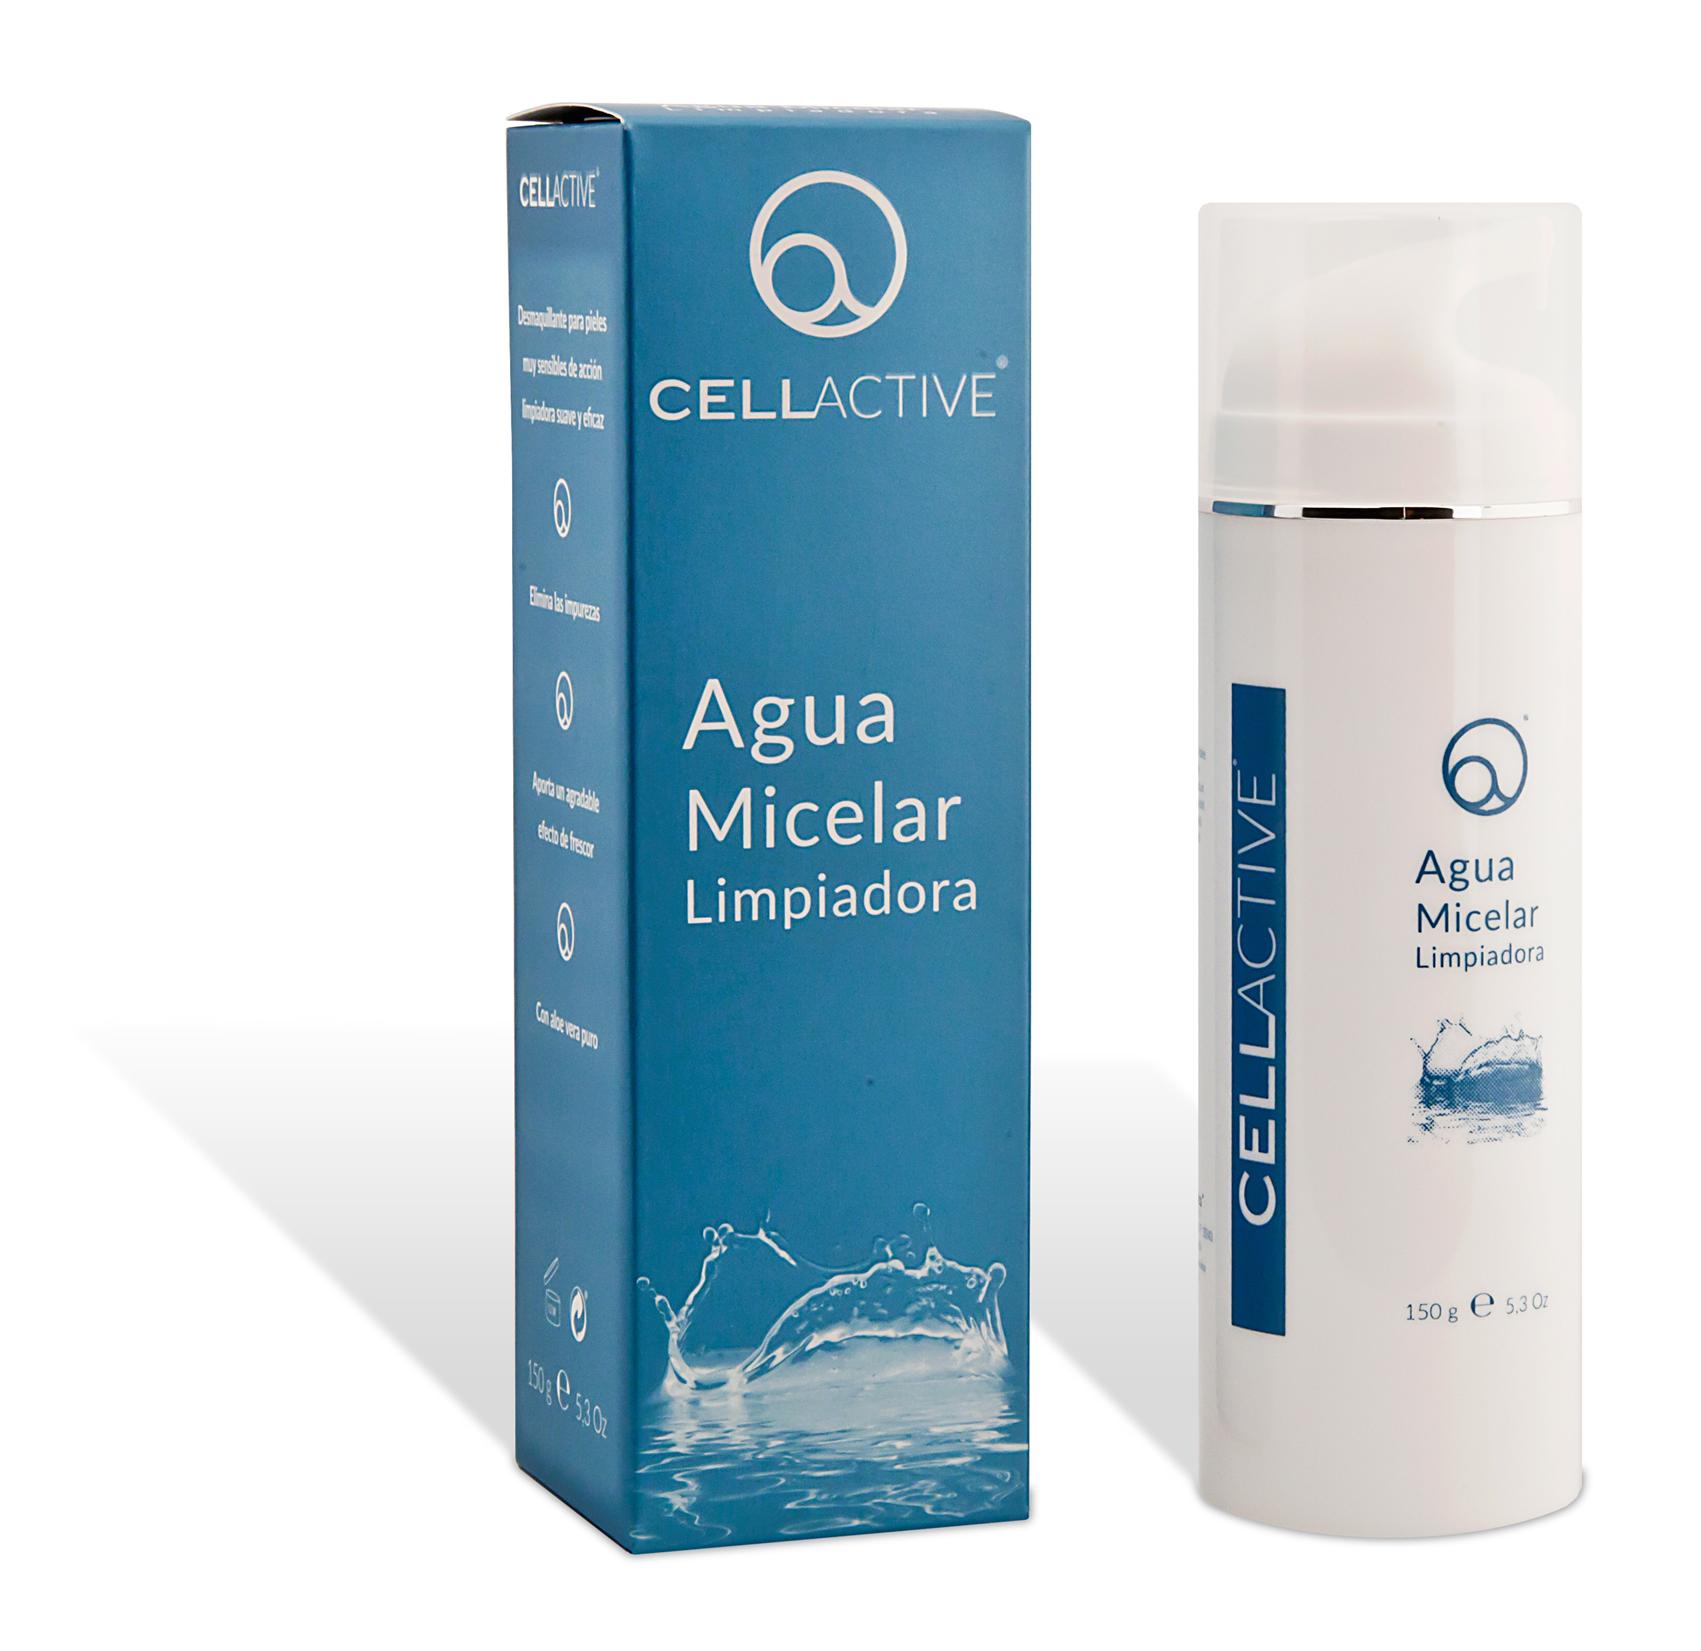 Renueva tu ritual desmaquillante con Agua Micelar CellActive